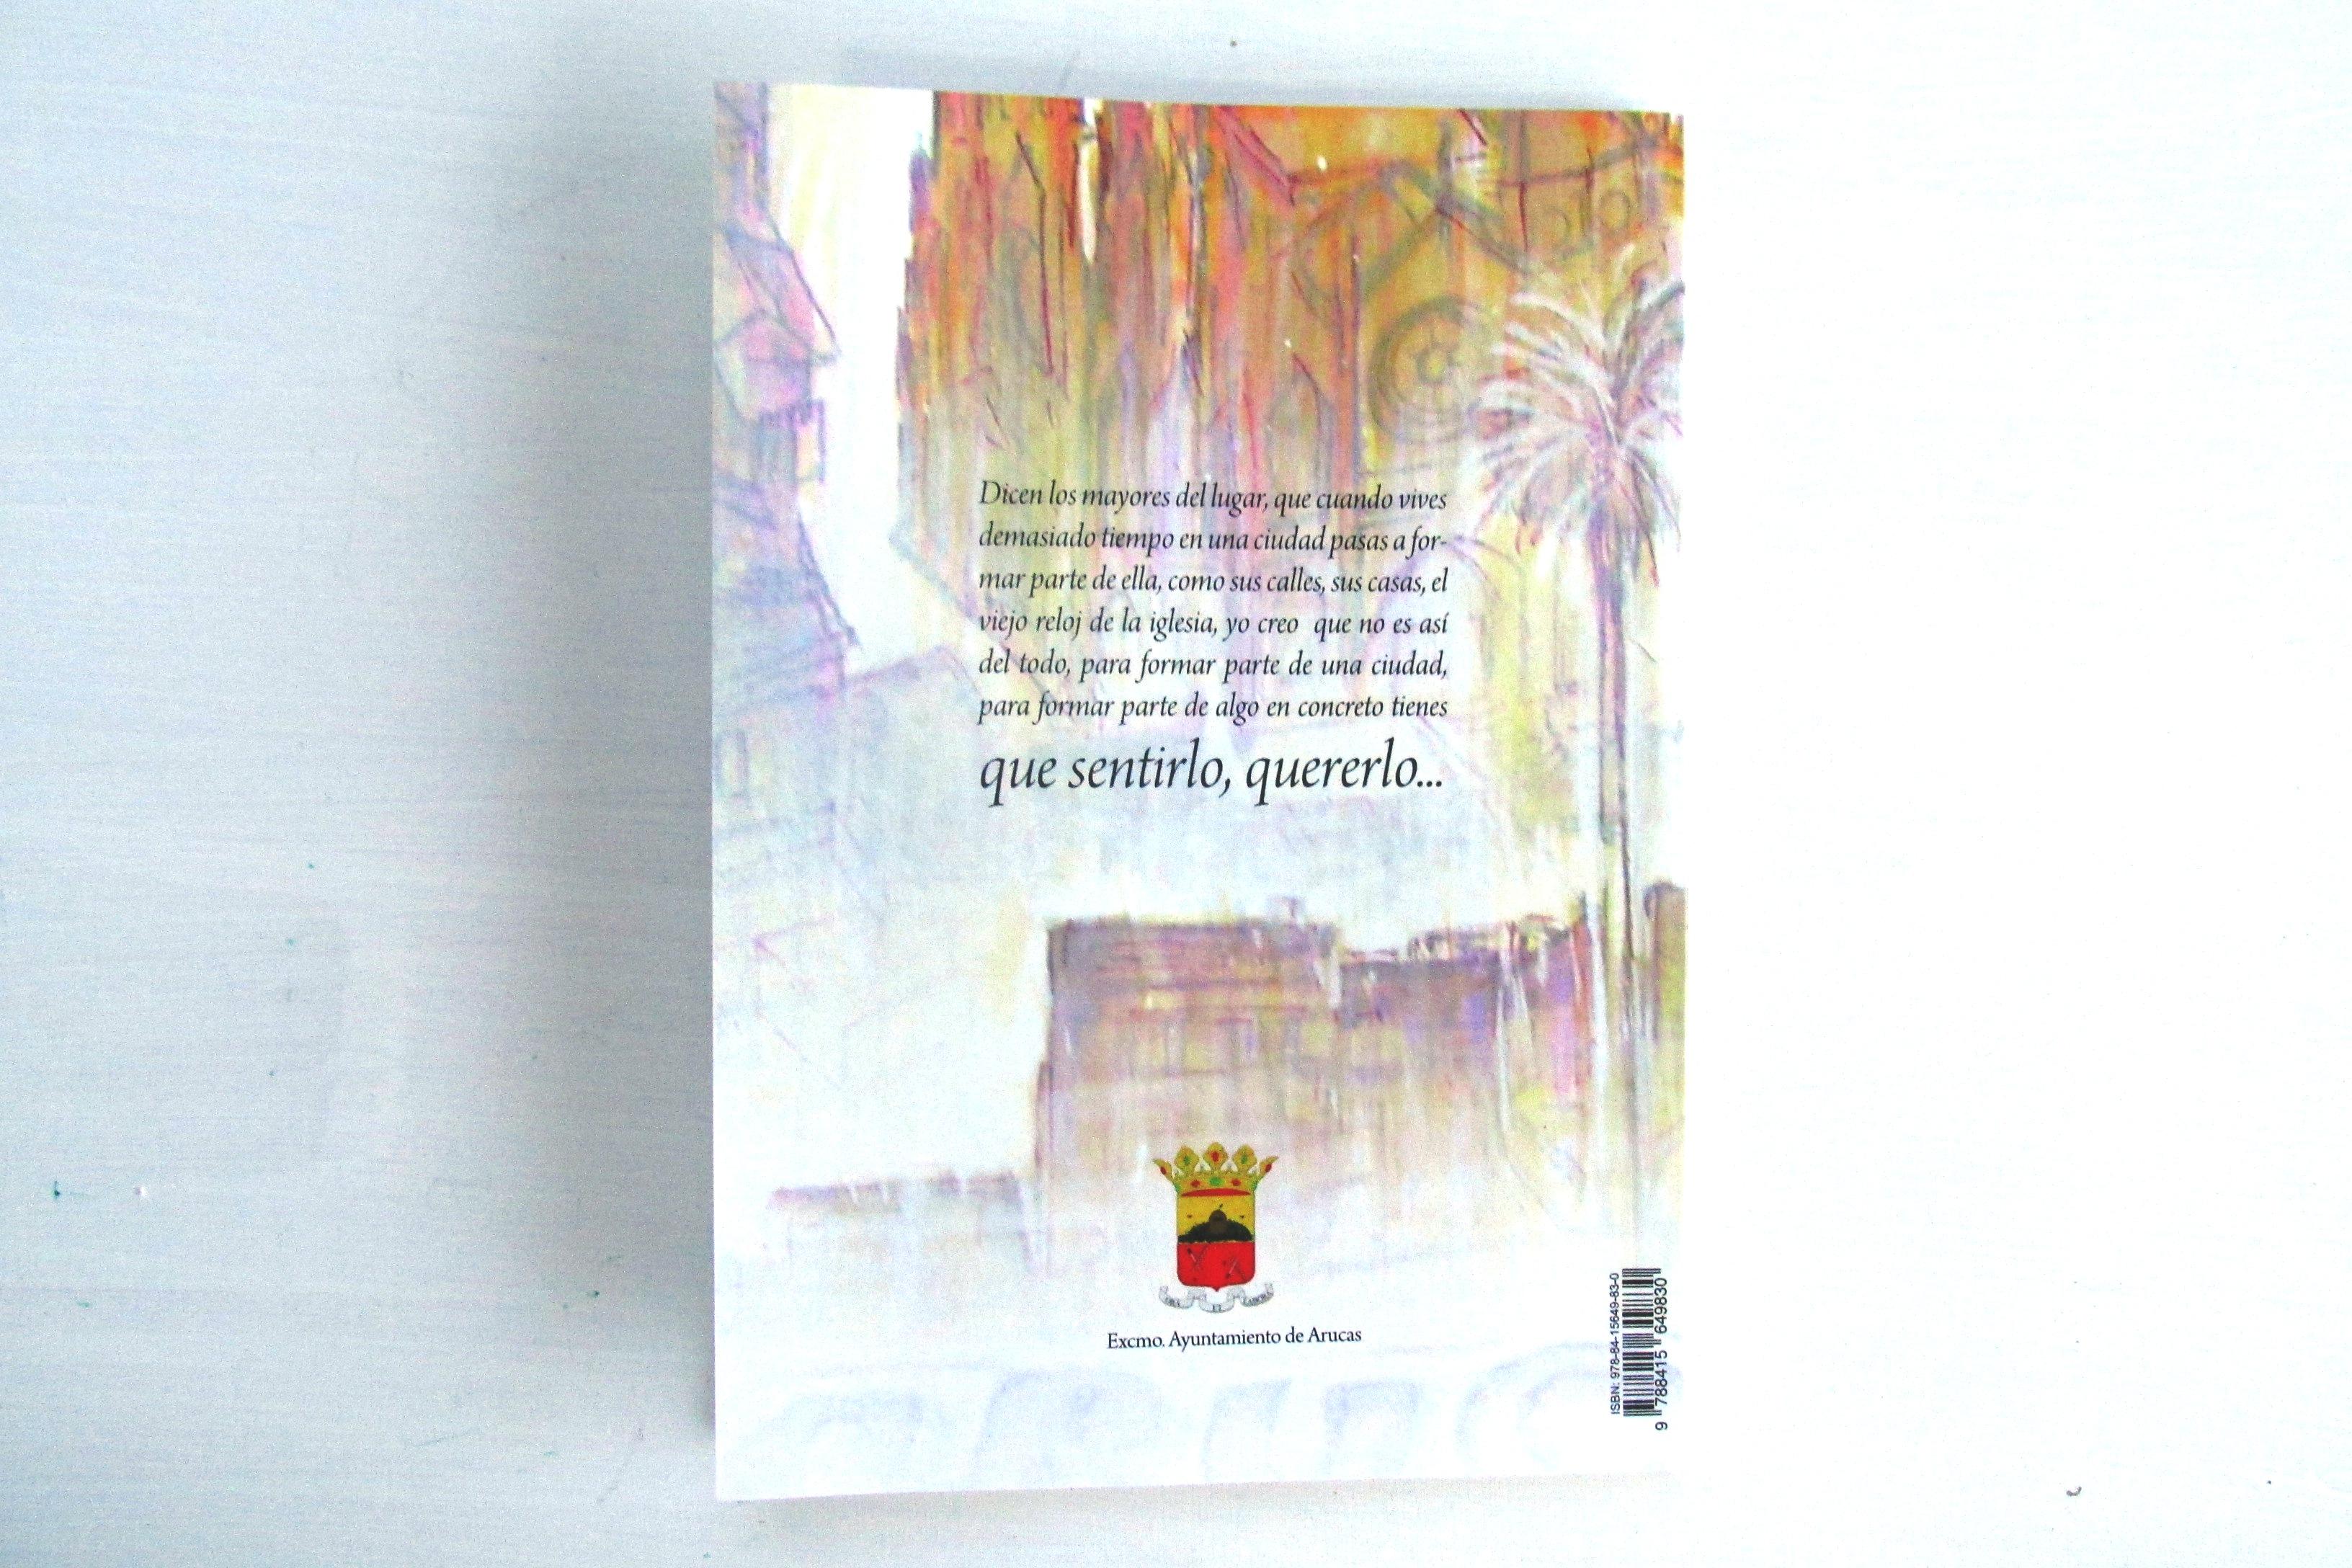 Libro Historias Surreales Arucas.3